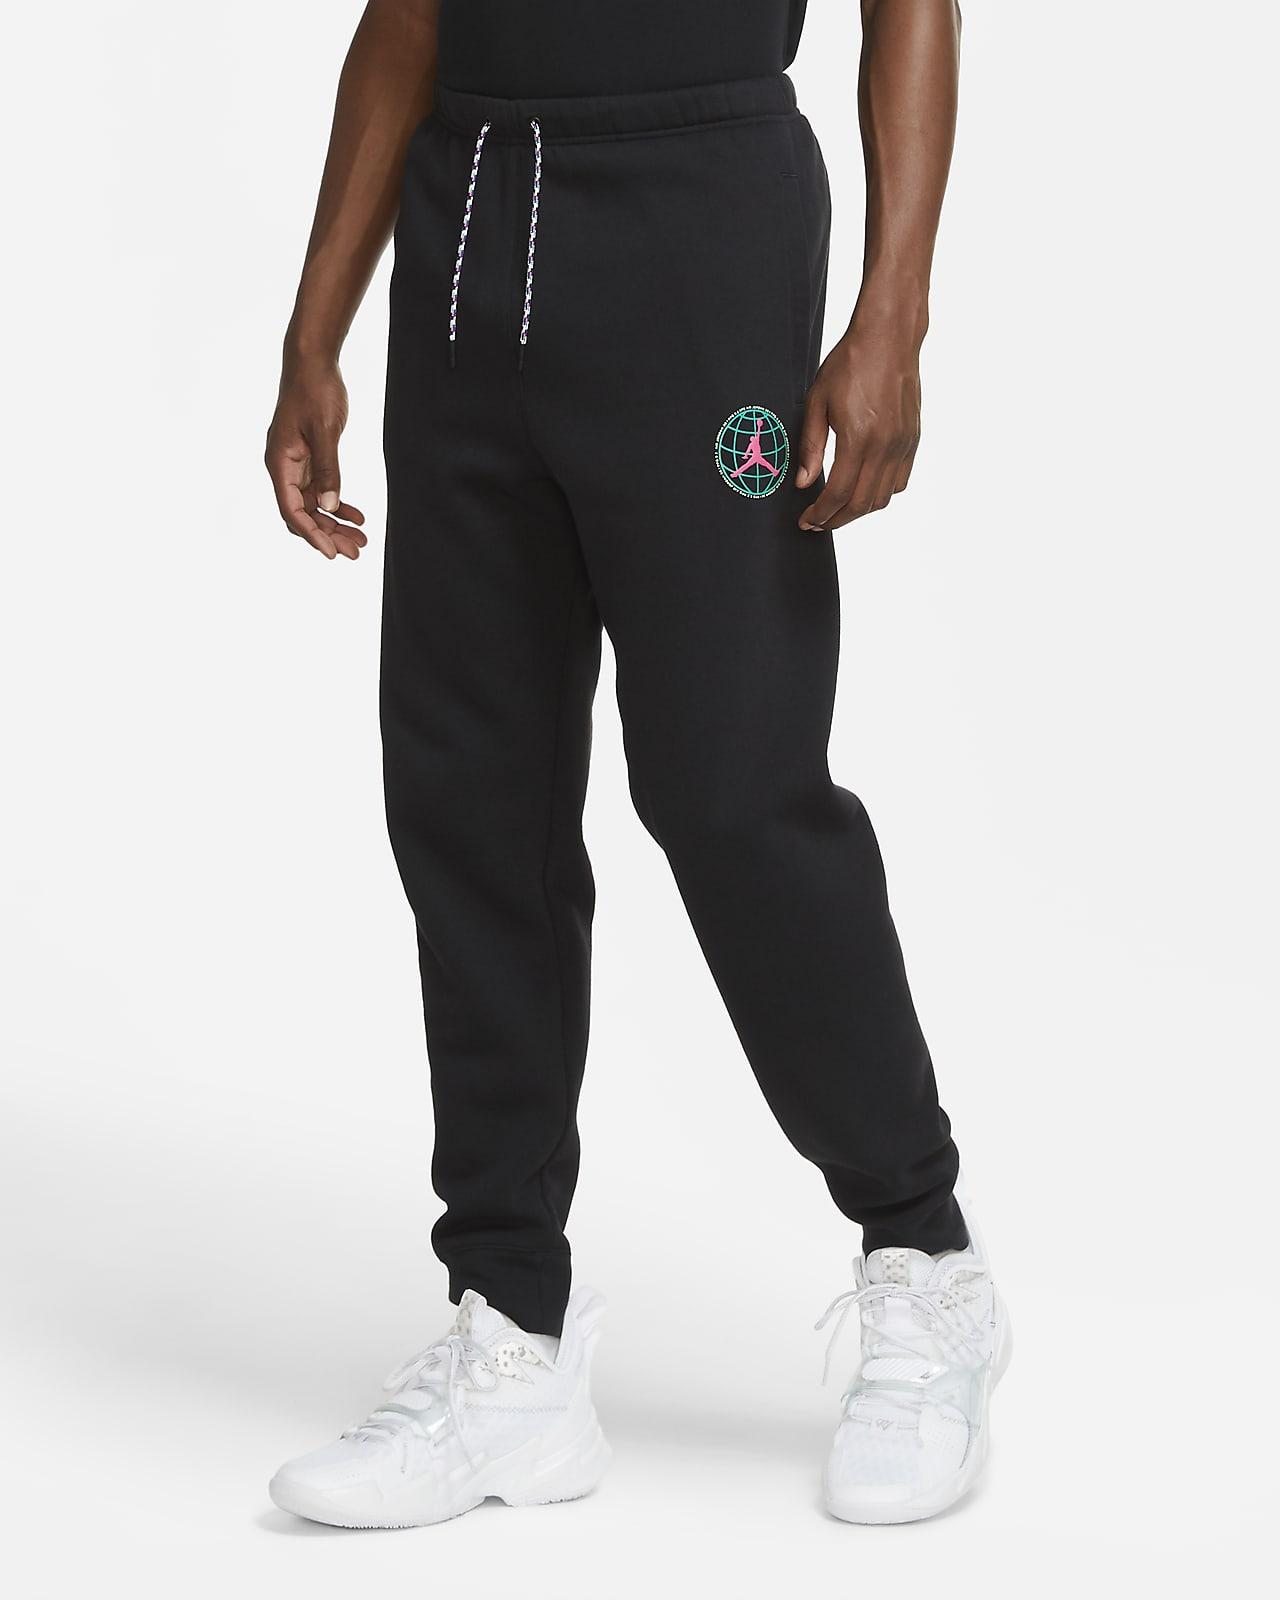 Jordan Winter Utility Men's Fleece Trousers